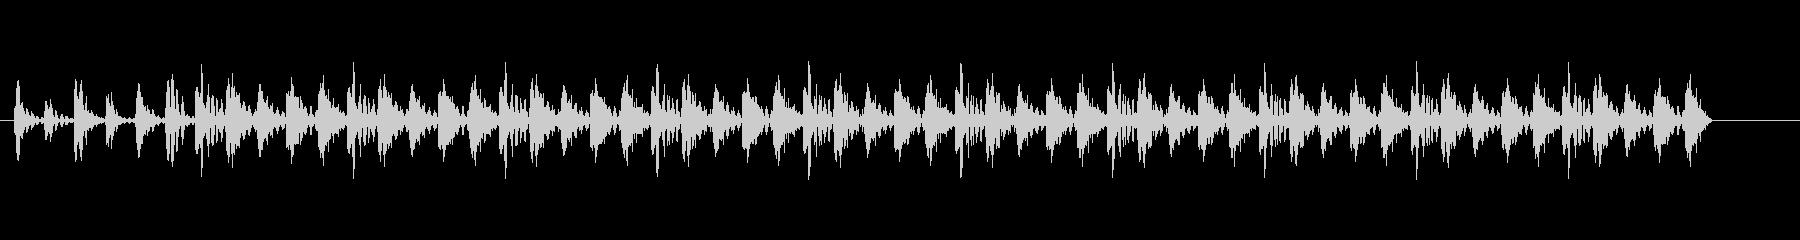 シンセドローンの未再生の波形